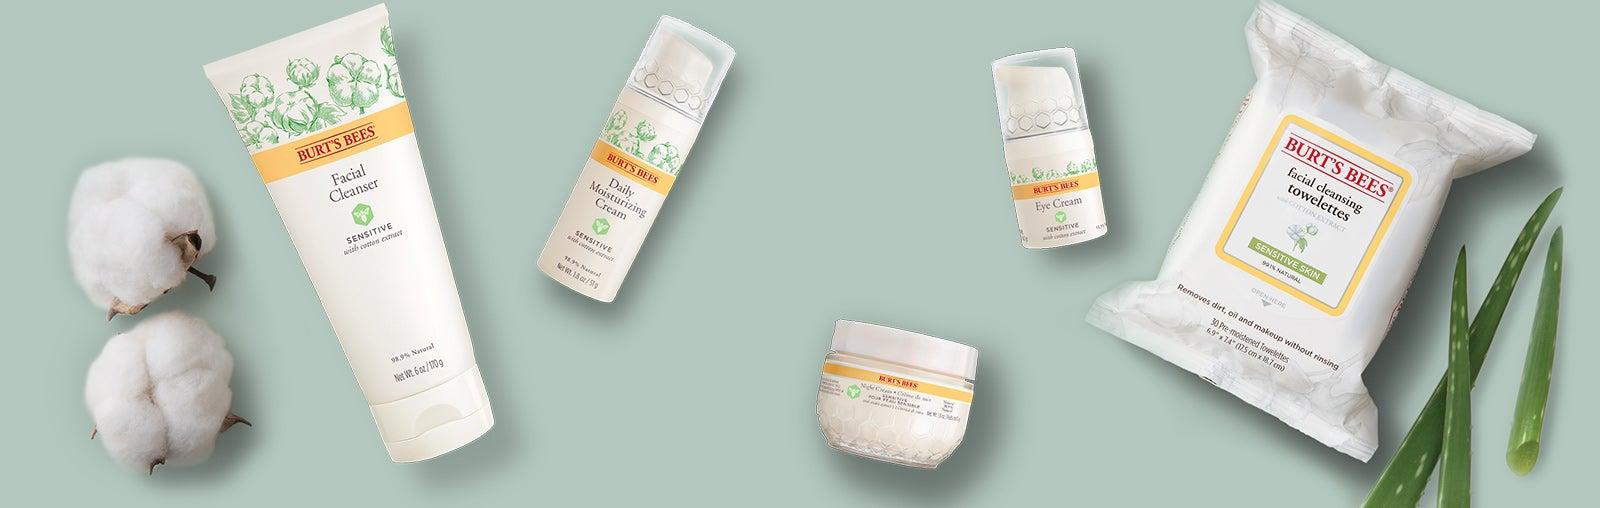 Productos naturales para pieles sensibles